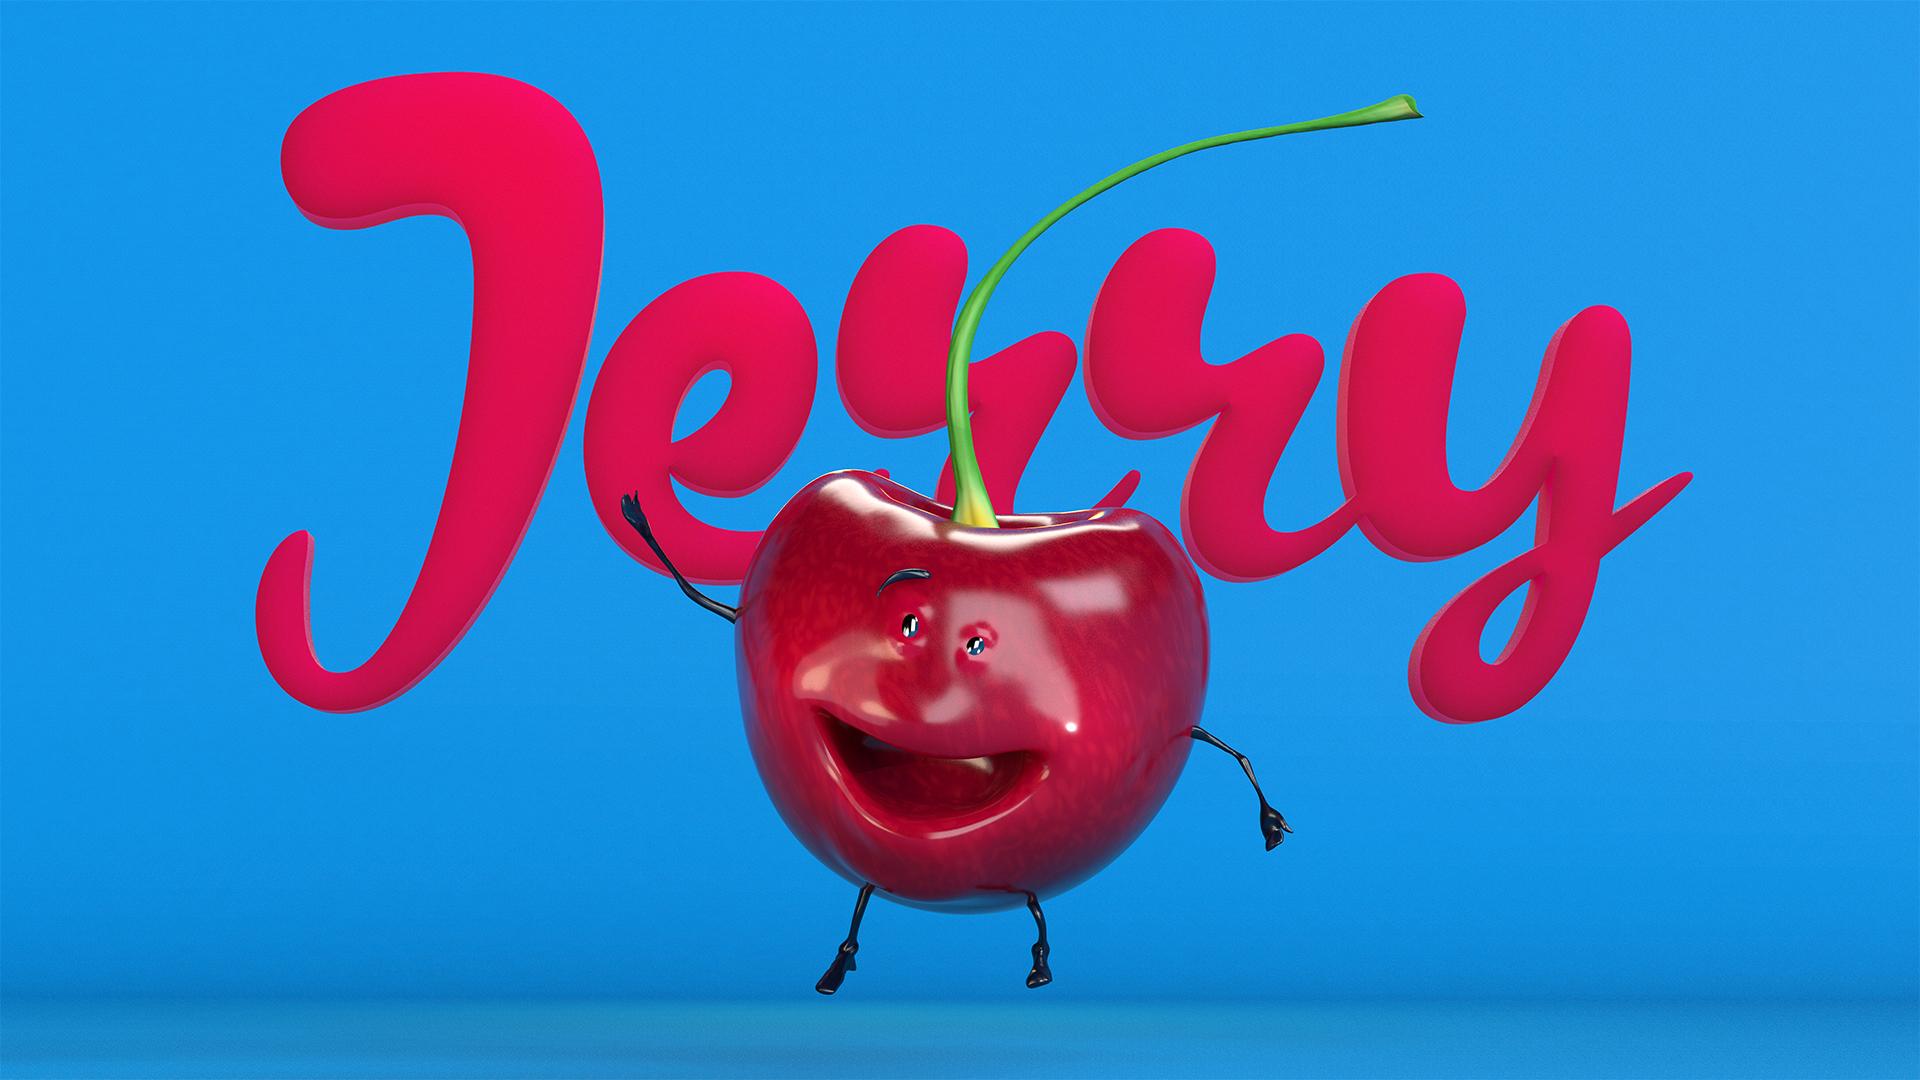 Jerry Cherry